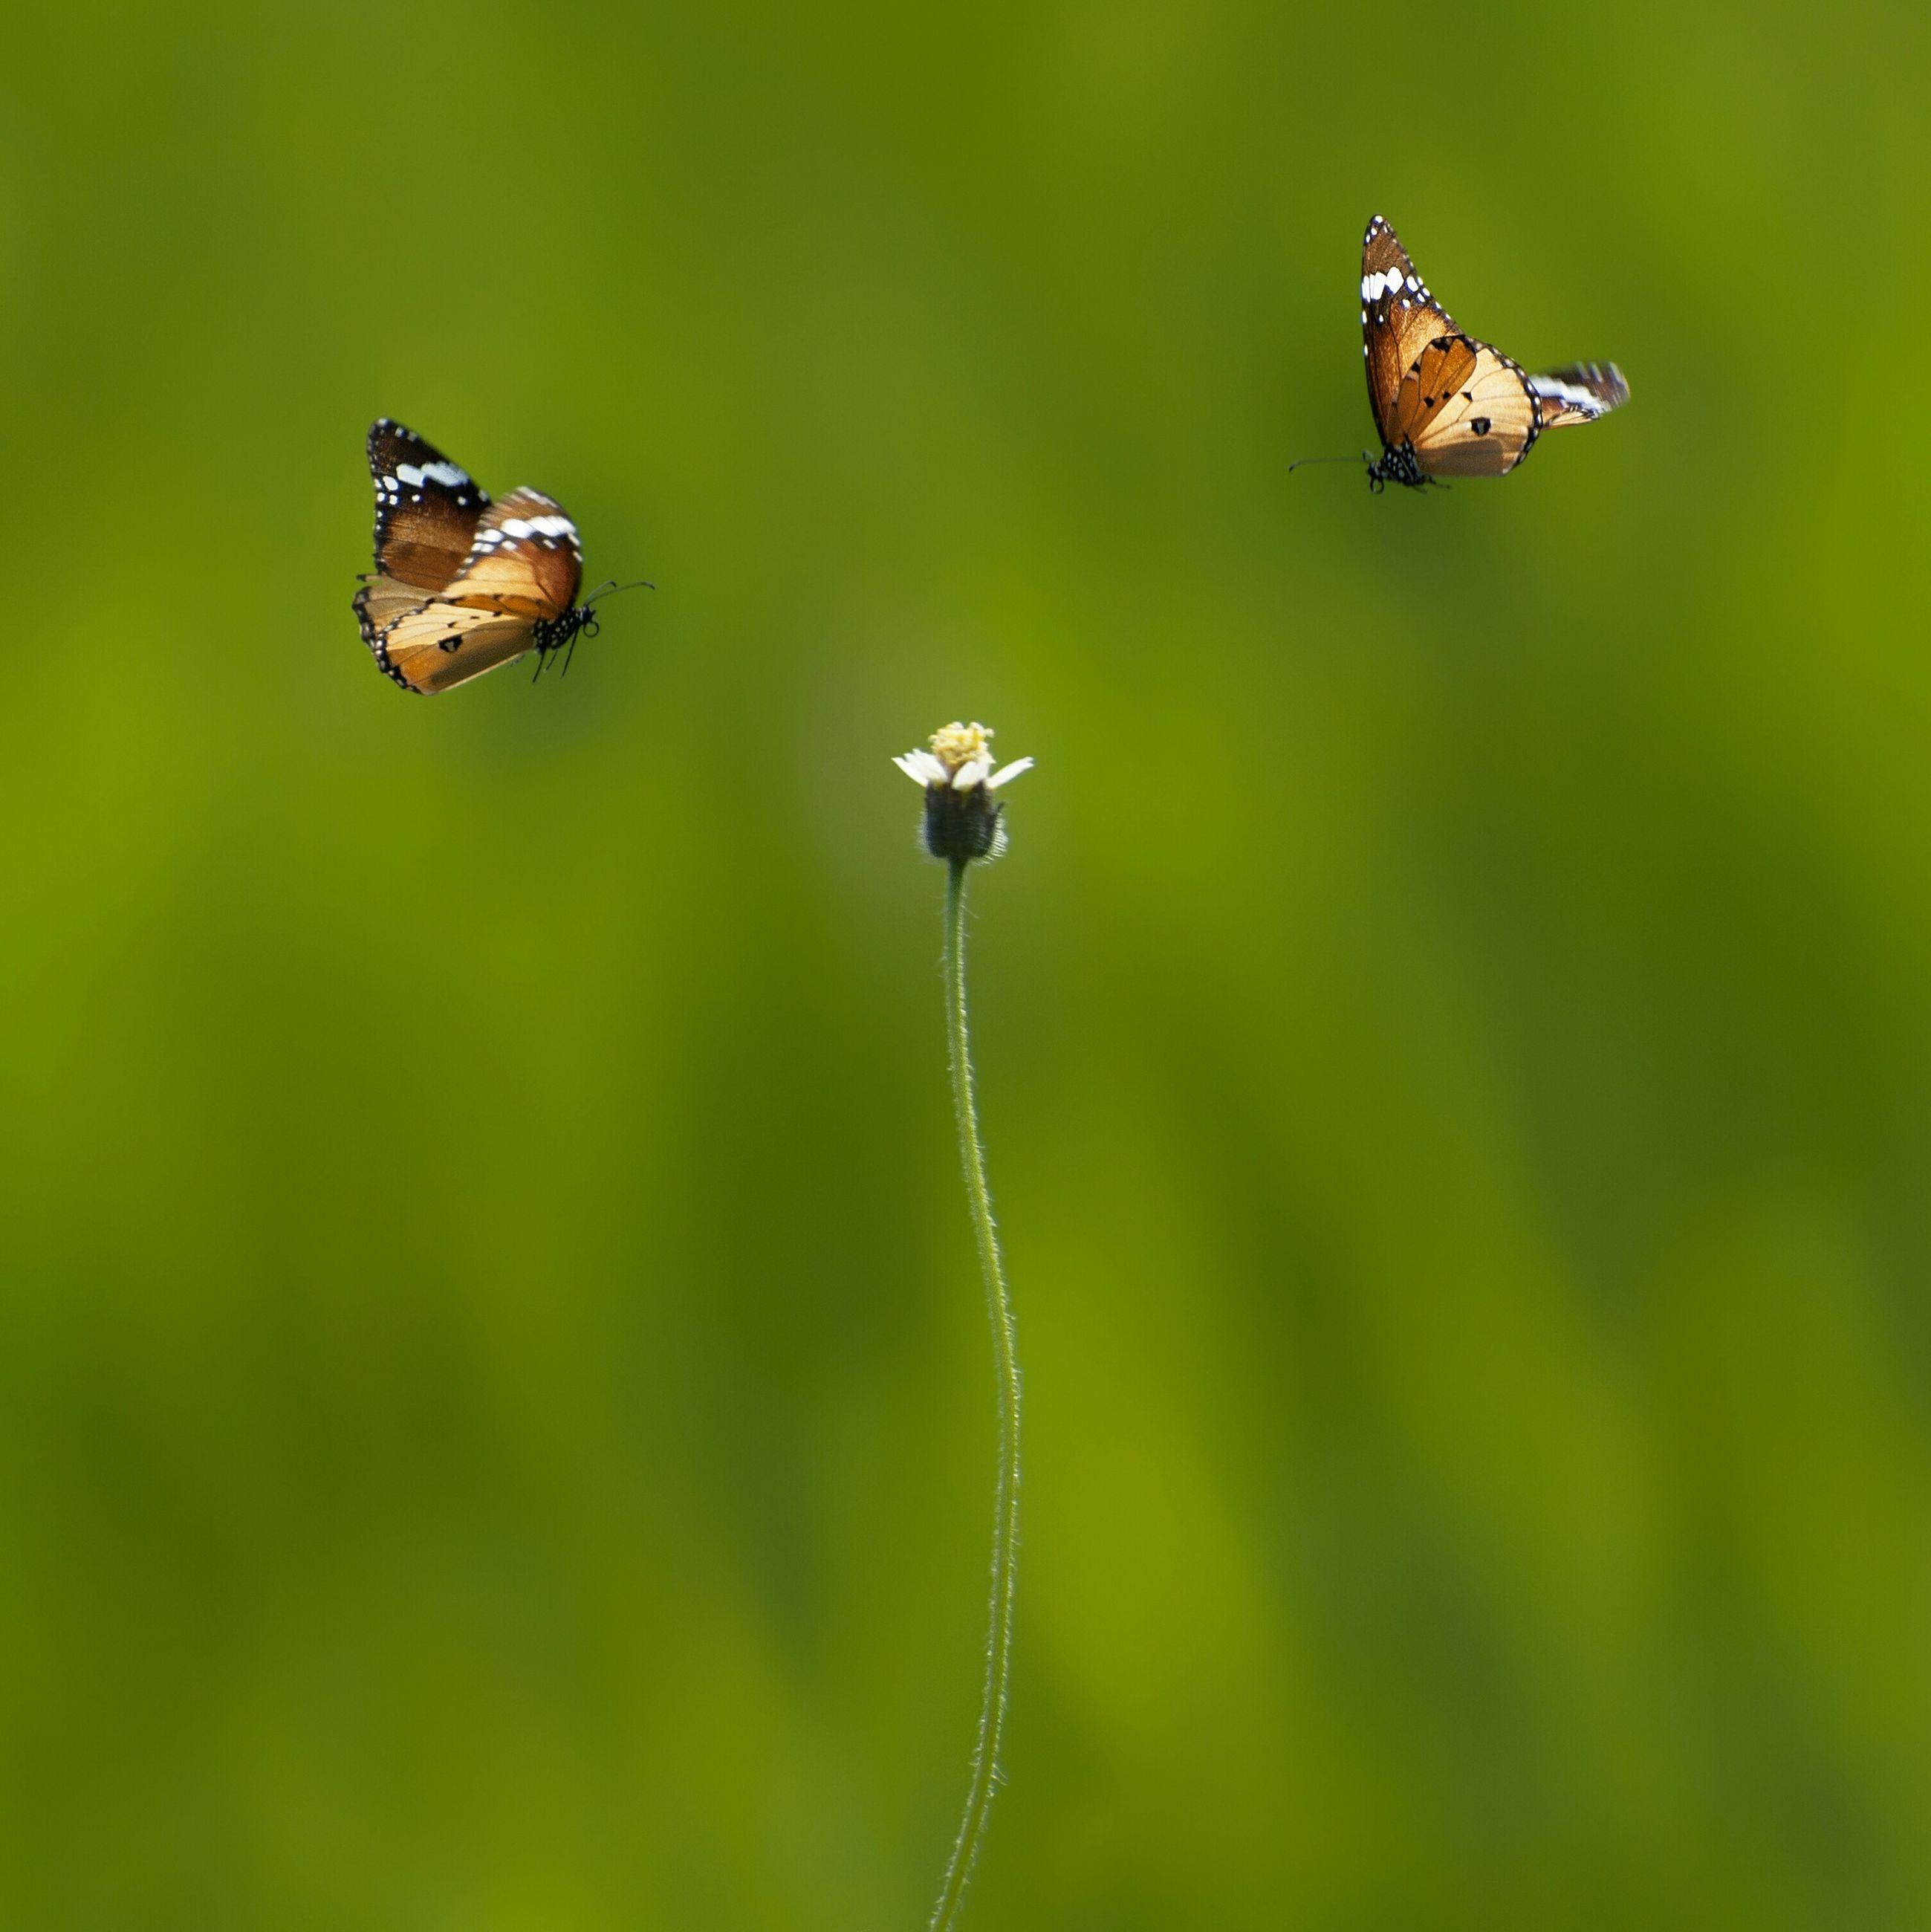 Close-up of flower amidst butterflies